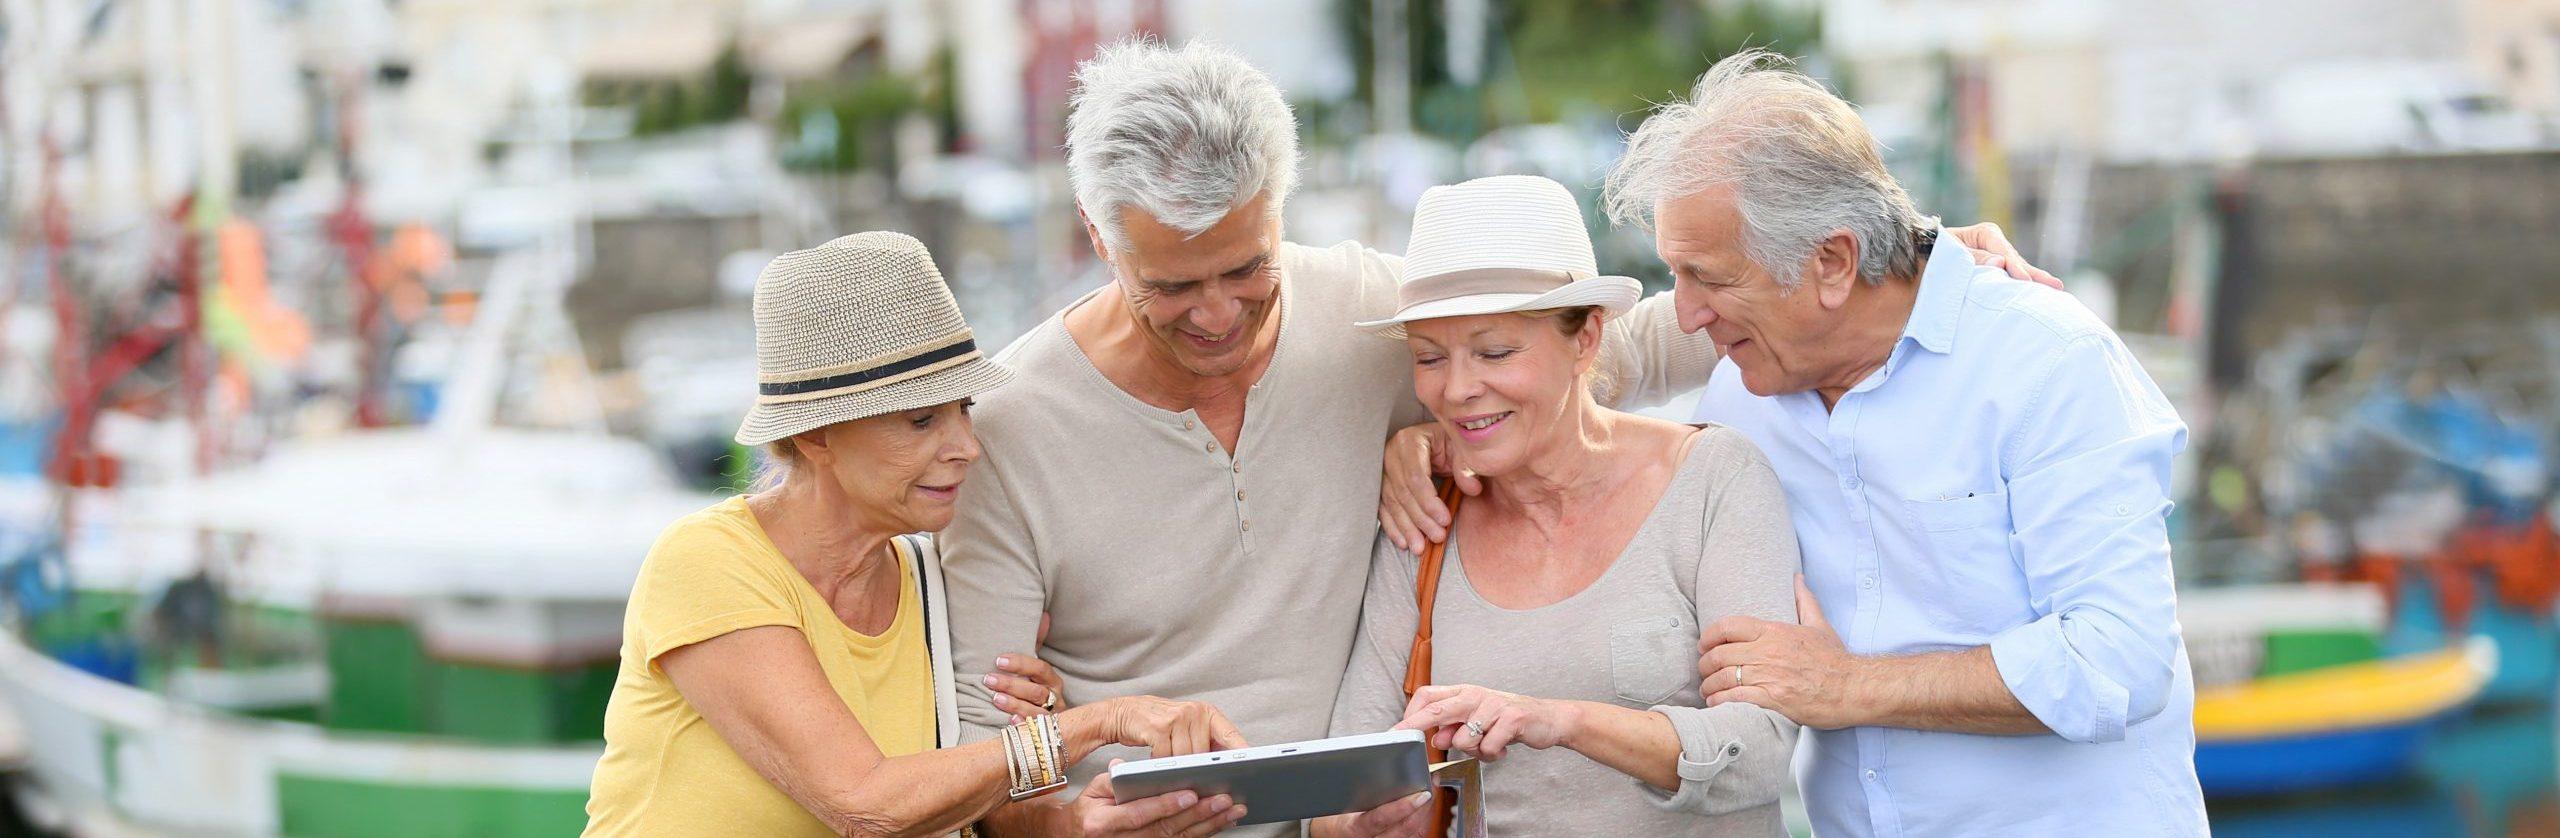 Seniorenpaare auf Reisen.